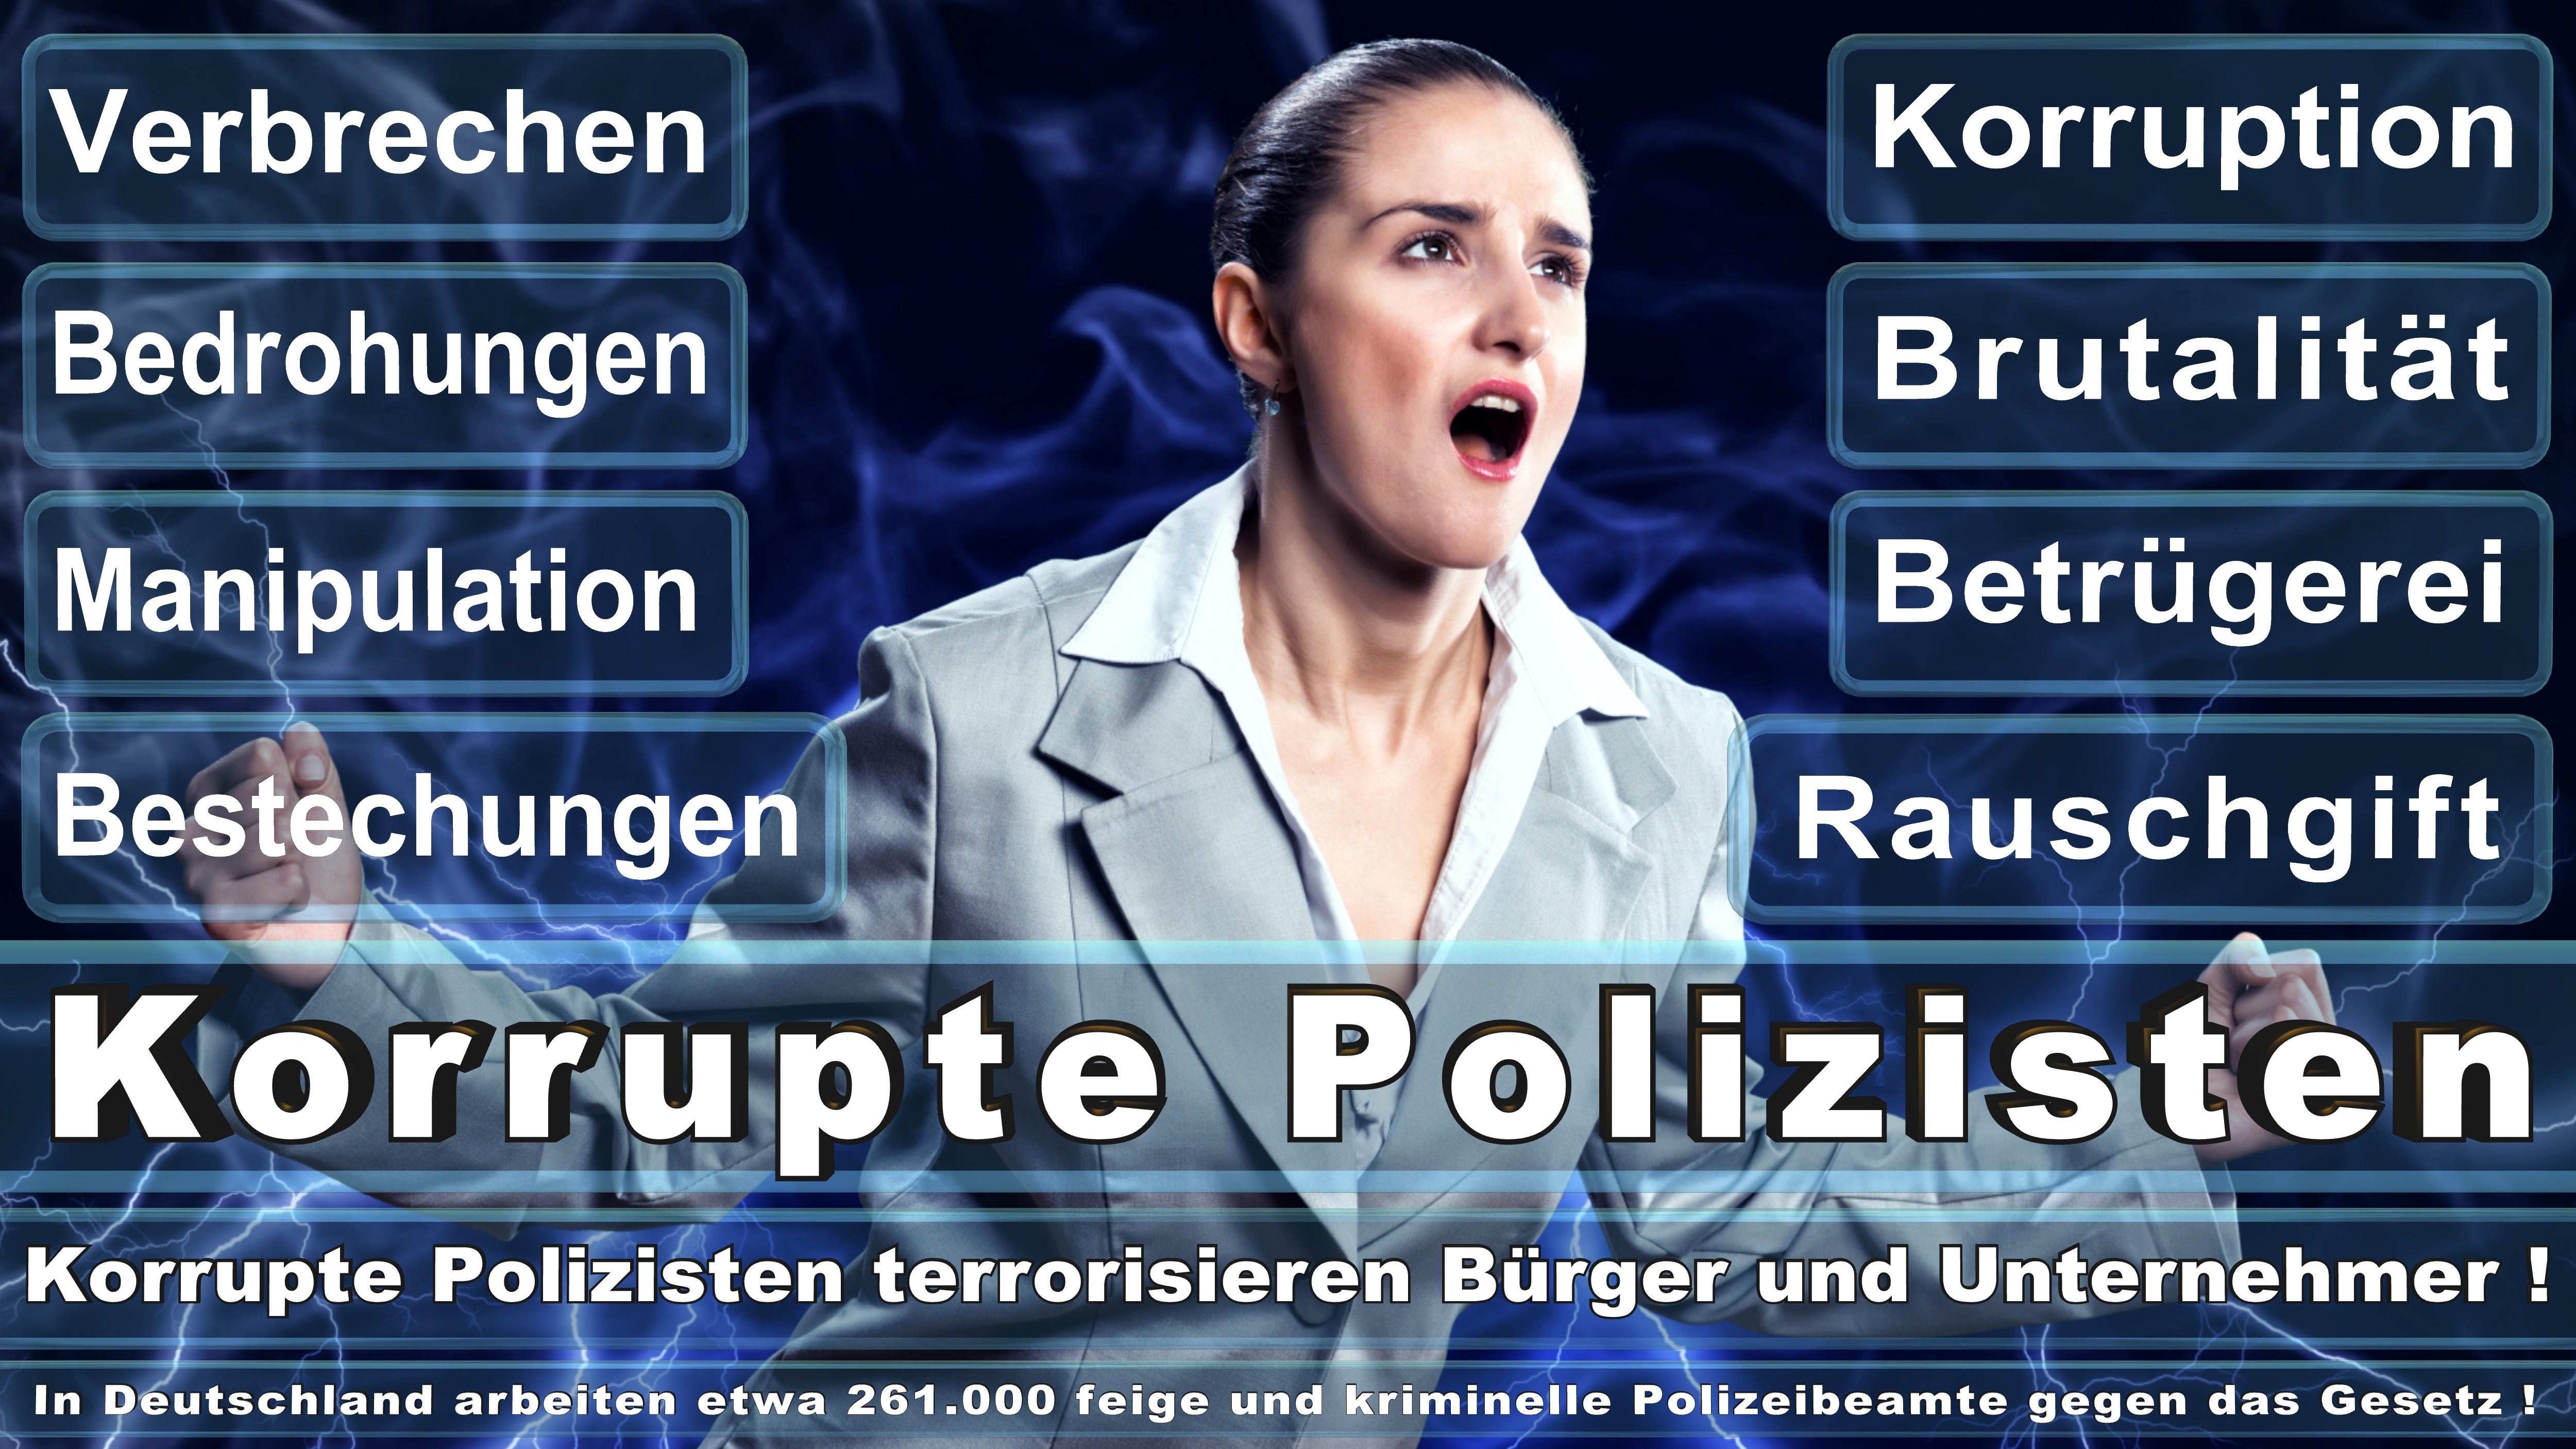 Polizei-Bielefeld (175) Telefon, Autobahnpolizei, Jugendgästehaus, Pressestelle, Kesselbrink, Brackwede, Kurt, Schumacher, Str, Ausbildung, Praktikum,